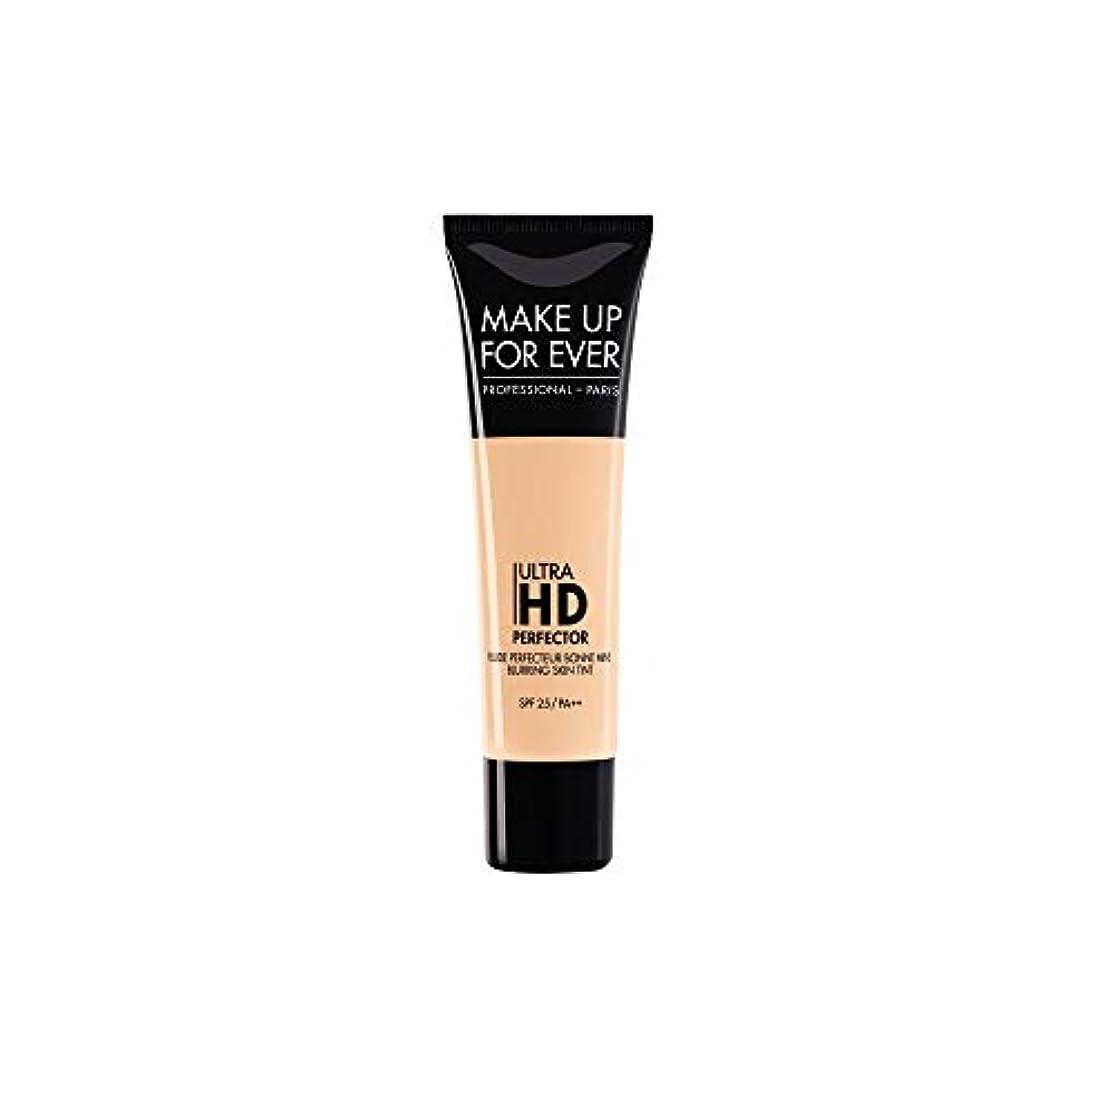 虎震えるあさりメイクアップフォーエバー Ultra HD Perfector Blurring Skin Tint SPF25 - # 02 Pink Sand 30ml/1.01oz並行輸入品